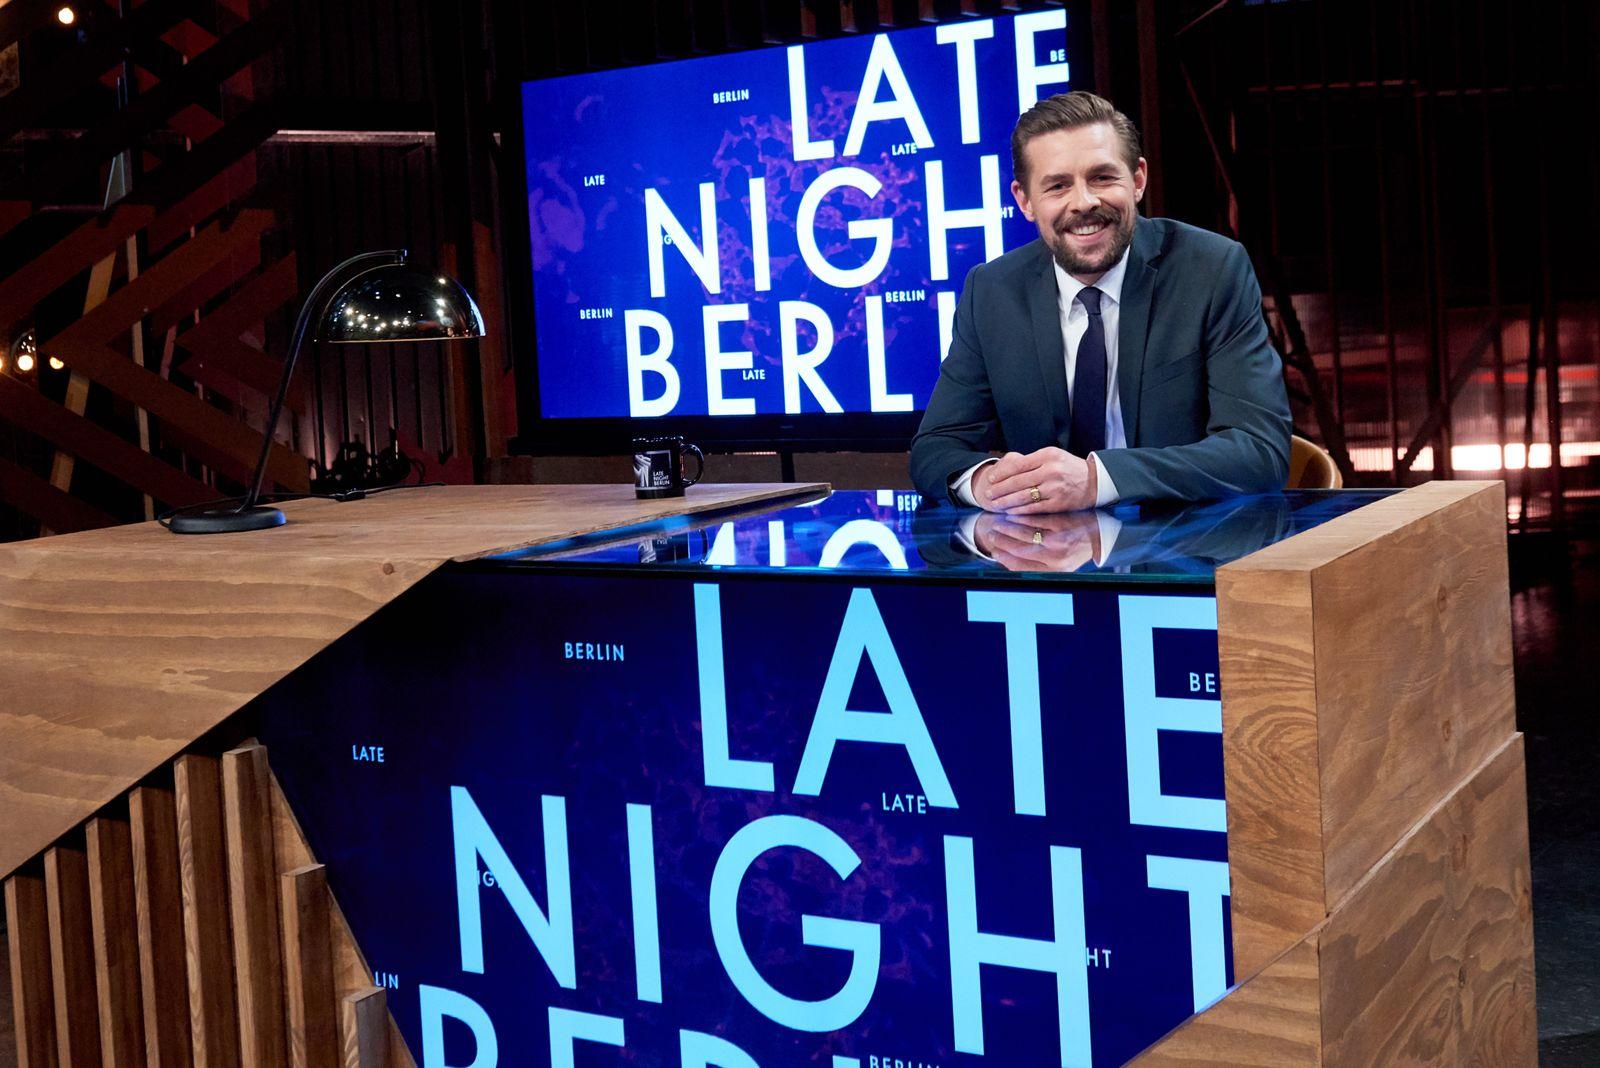 «Late Night Berlin»: Klaas Heufer-Umlauf